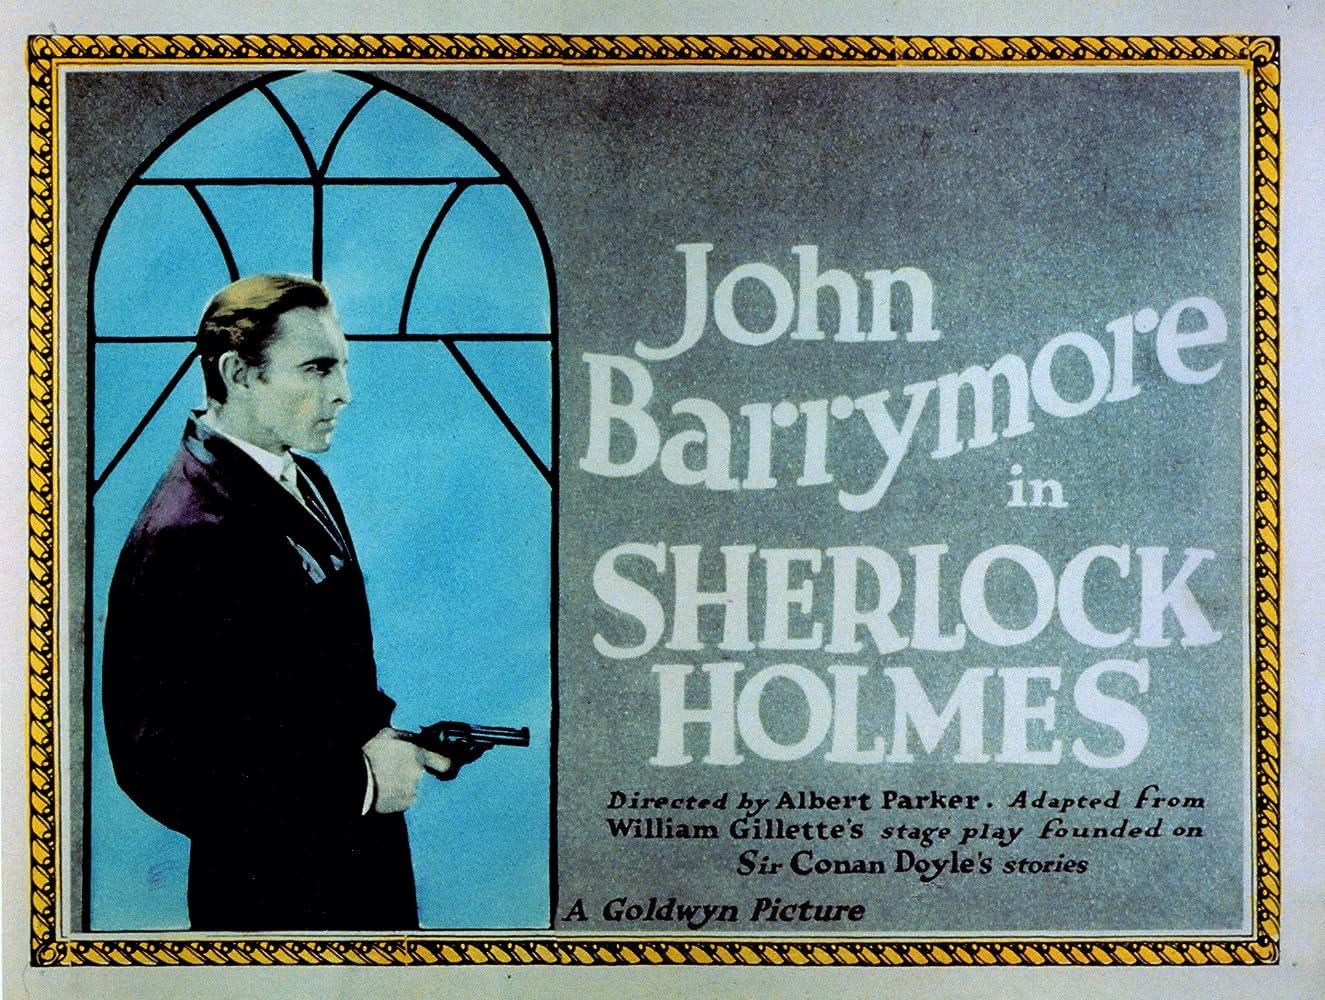 John Barrymore in Sherlock Holmes (1922)